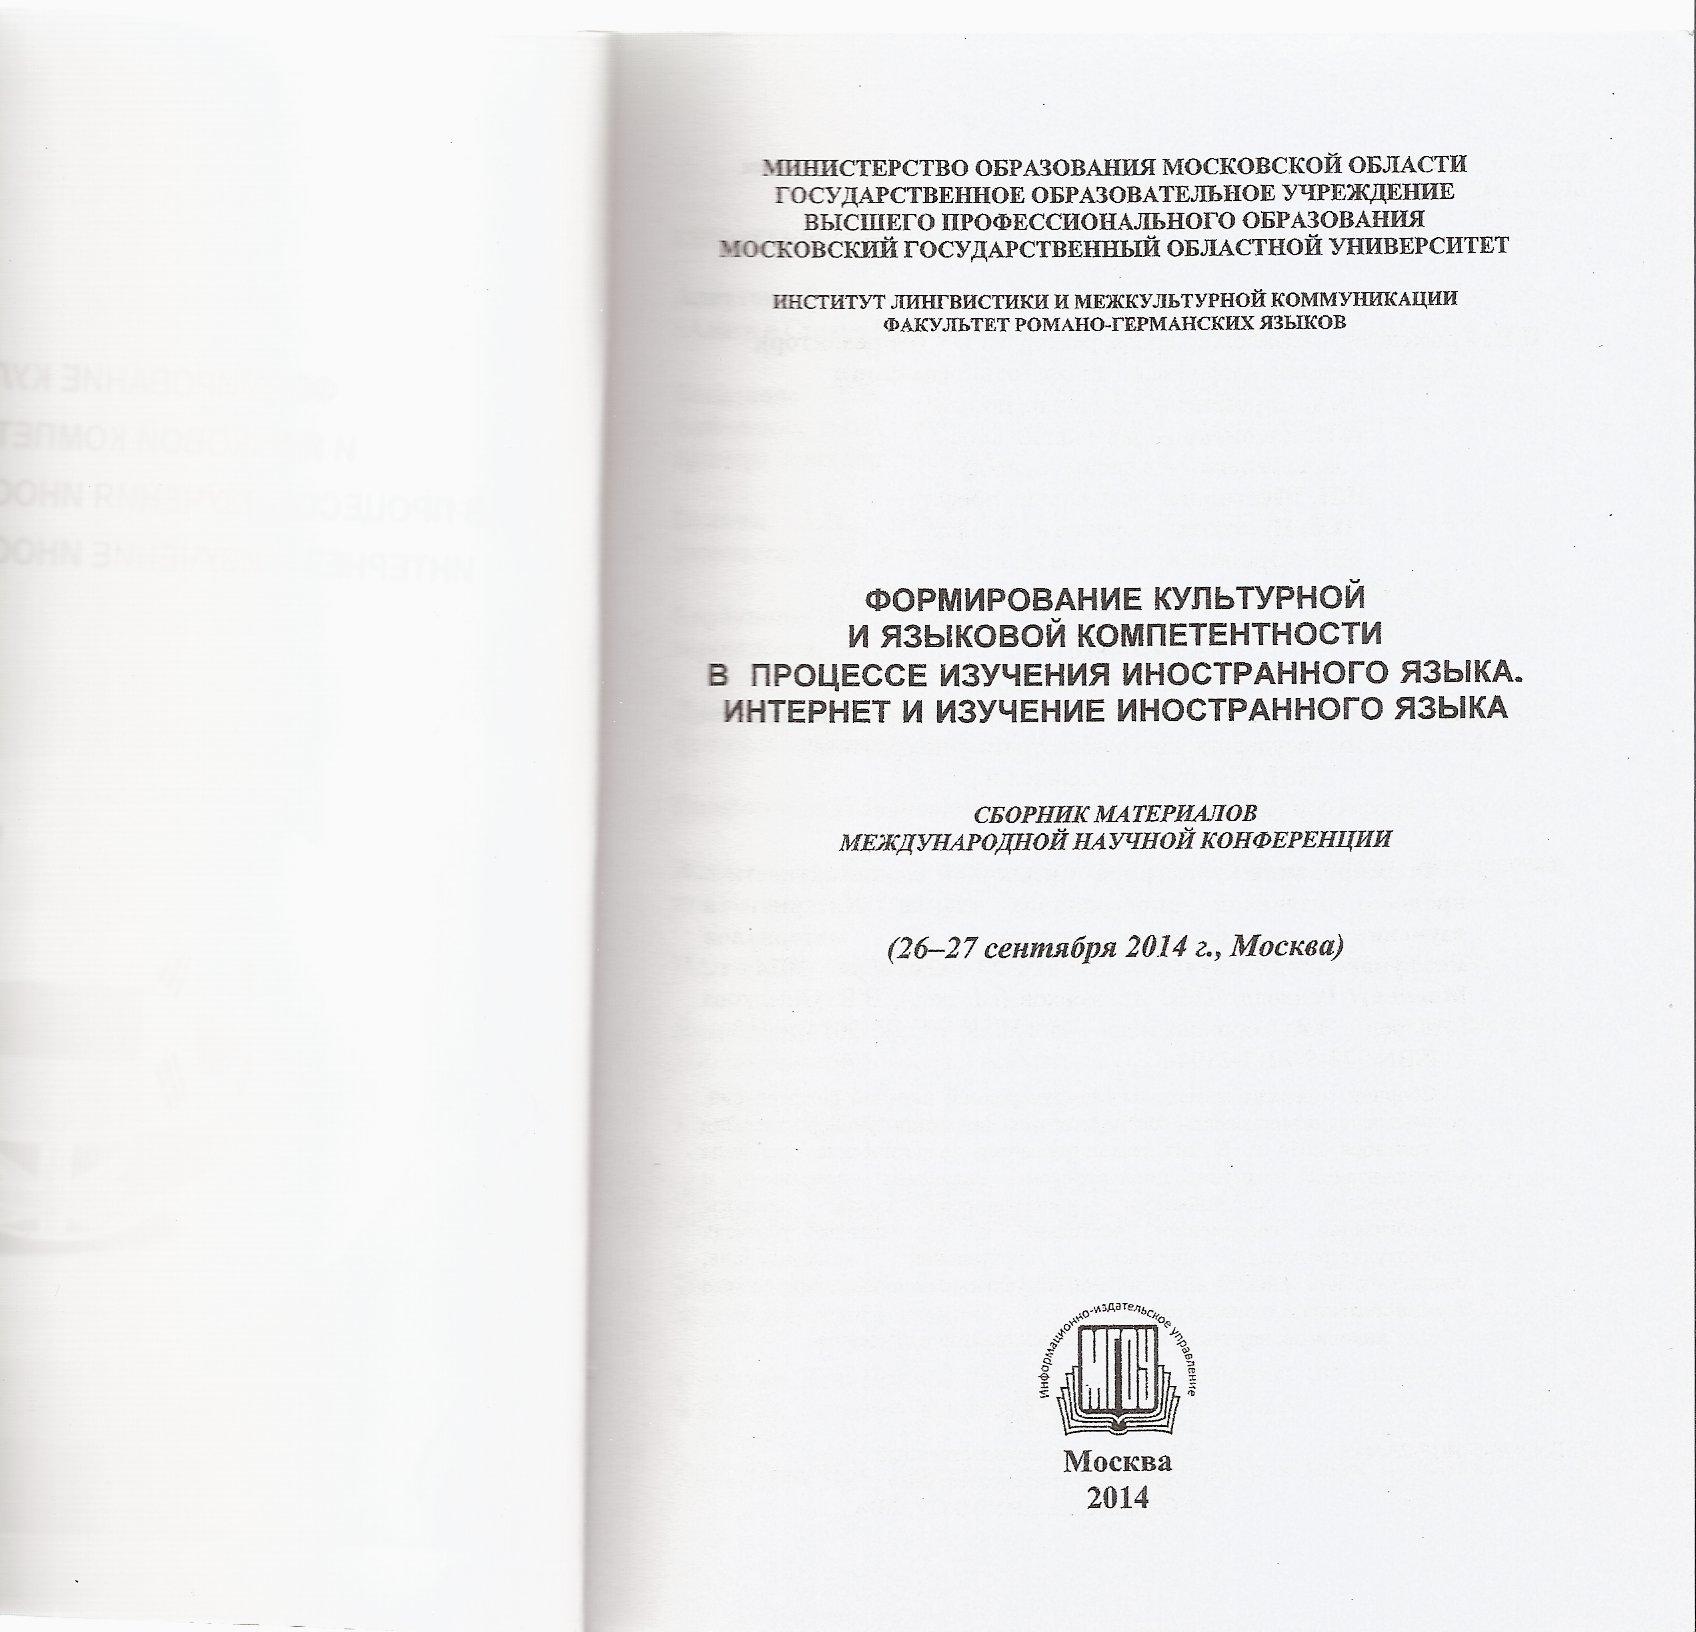 Лингвистическое исследование: начало и окончание выпускной работы бакалавра и магистра